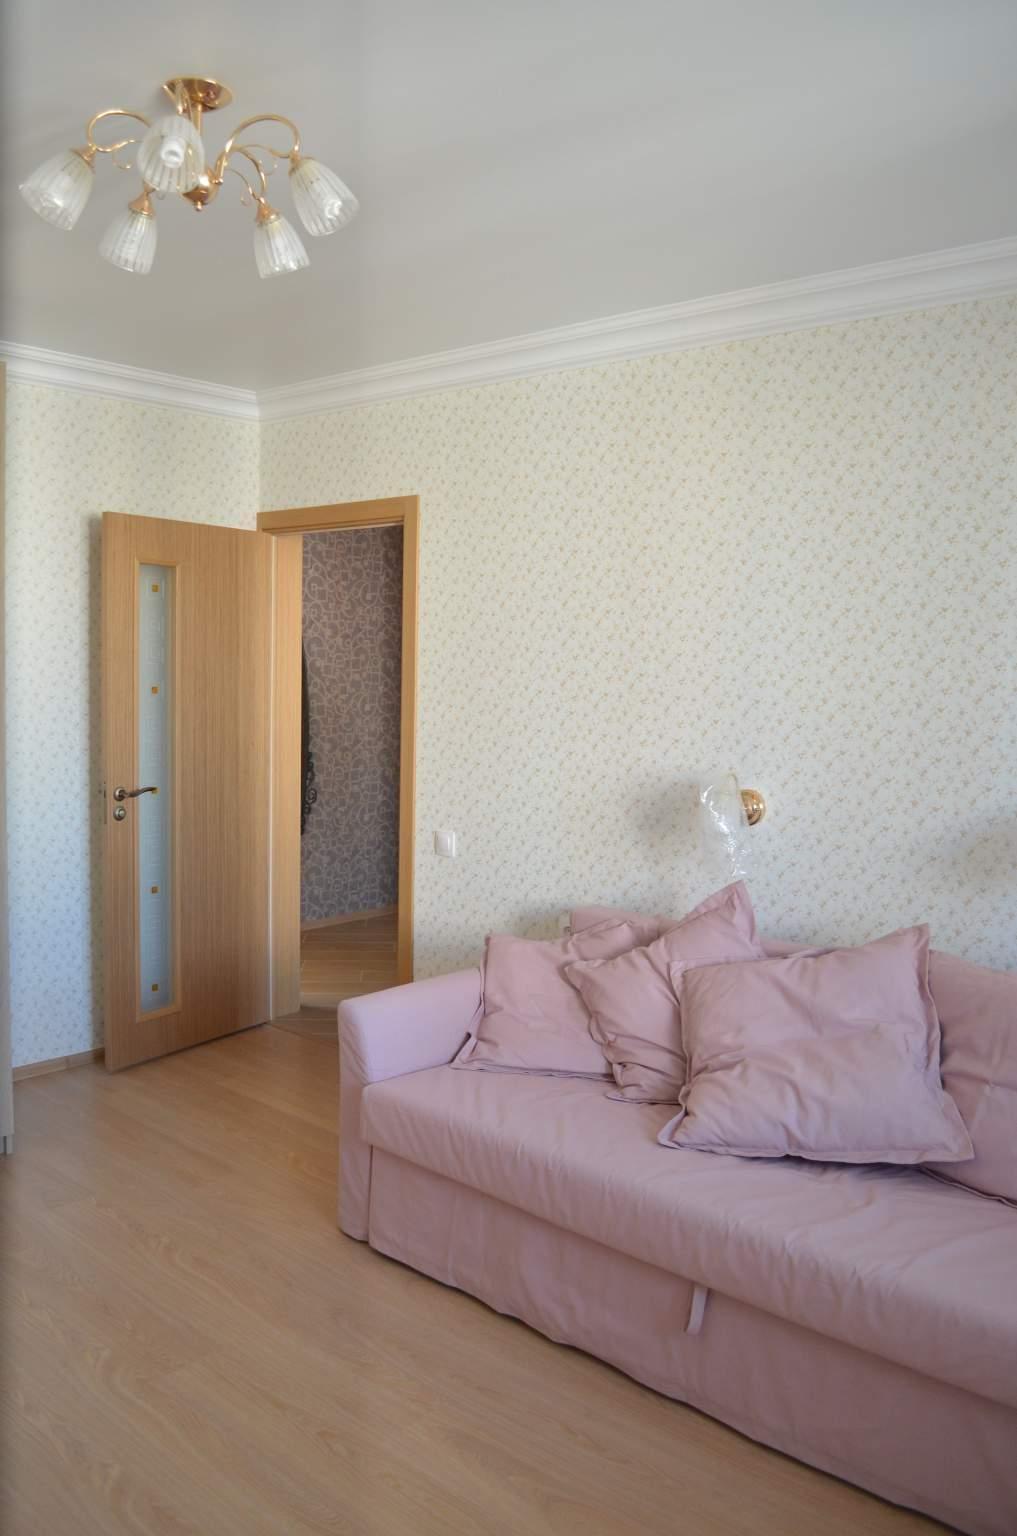 Квартира, 2 комнаты, 64 м² в Московском 89269179500 купить 5